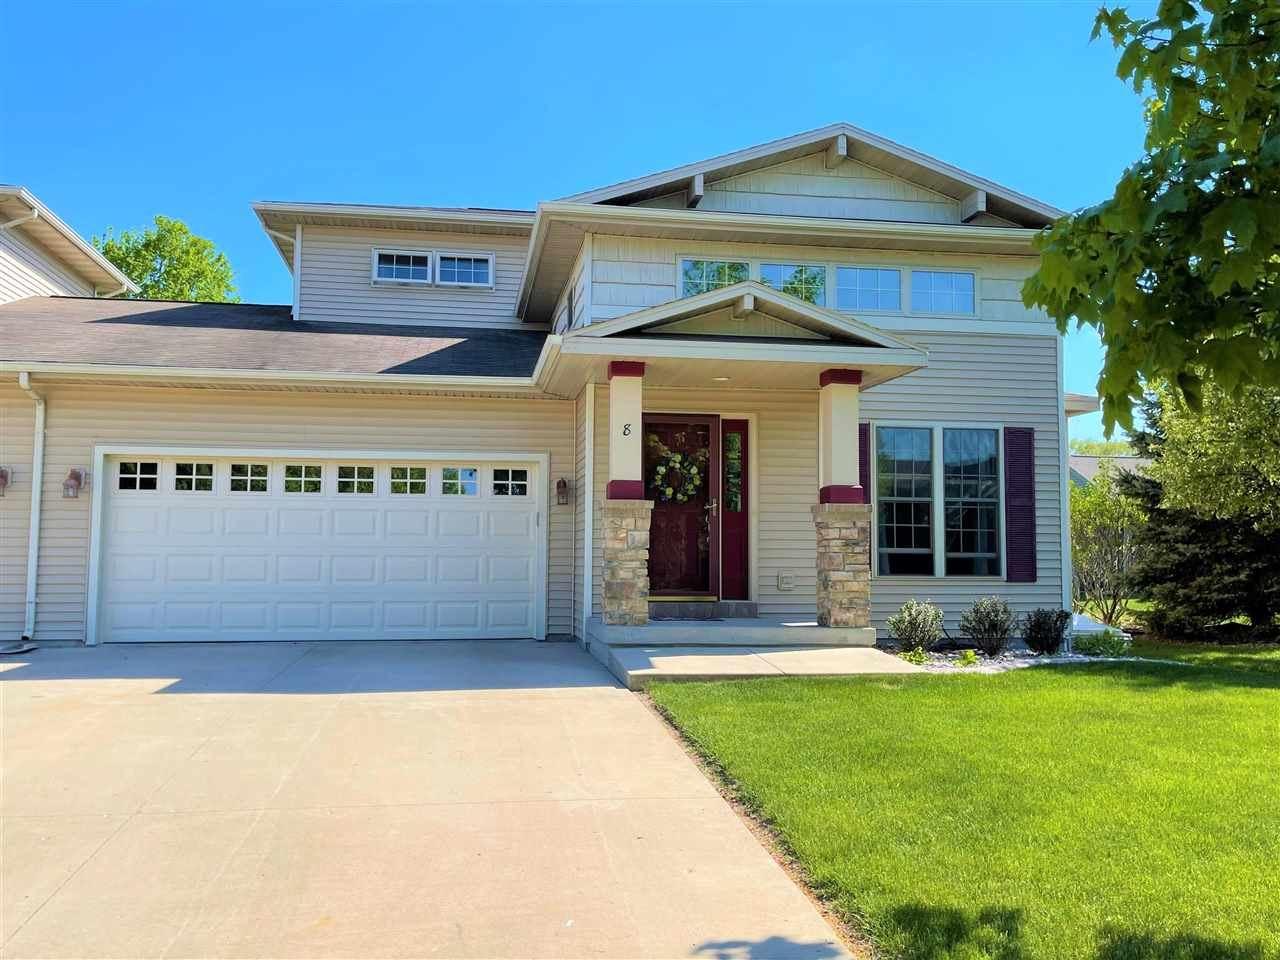 8 AURORA Lane, Fond du Lac, WI 54933 - MLS#: 50241205